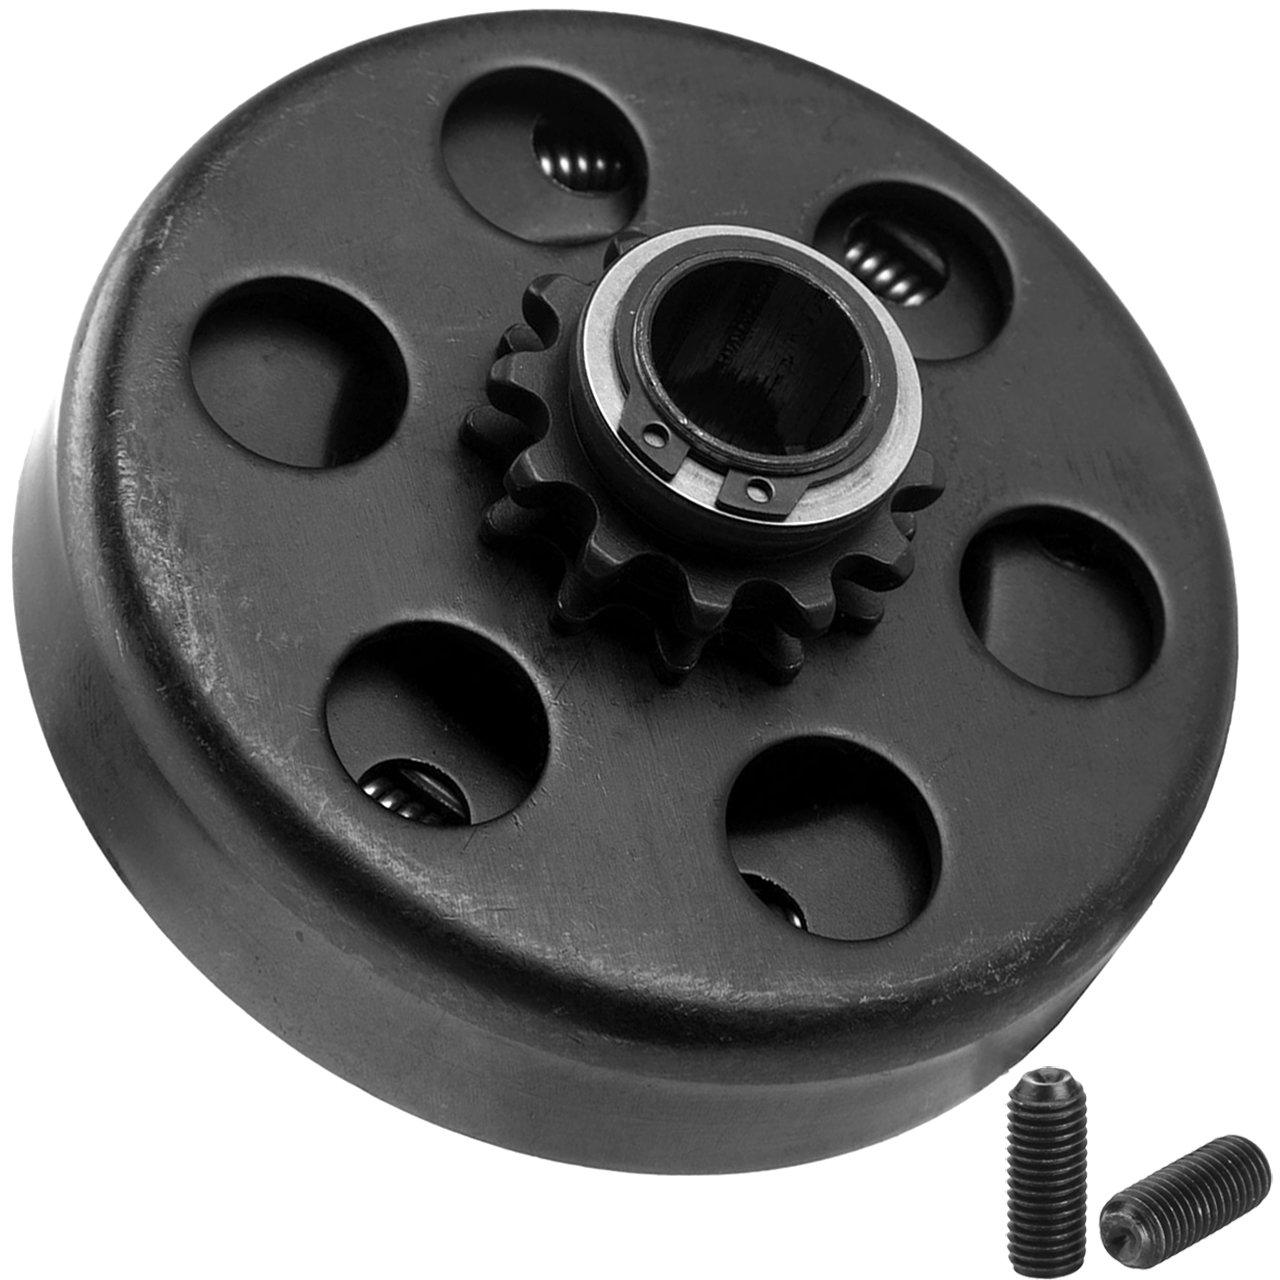 Carded 3 Straight Black T1024-VP W11-0422 Valterra T1024VP Hose Adapter